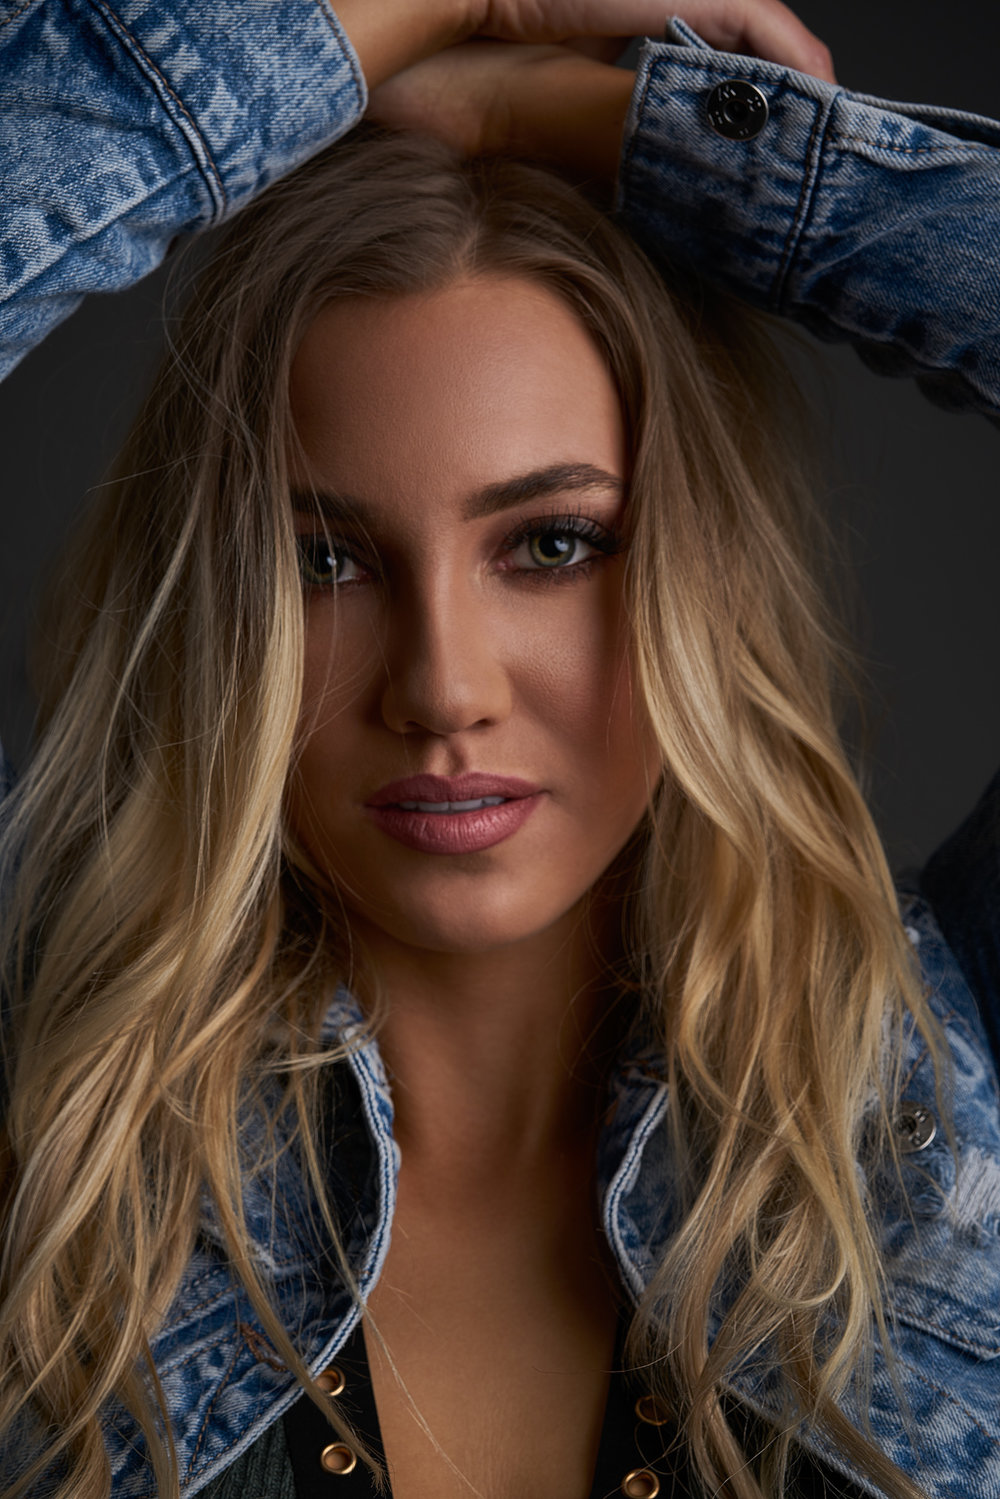 Lexi Hill Beauty Portrait